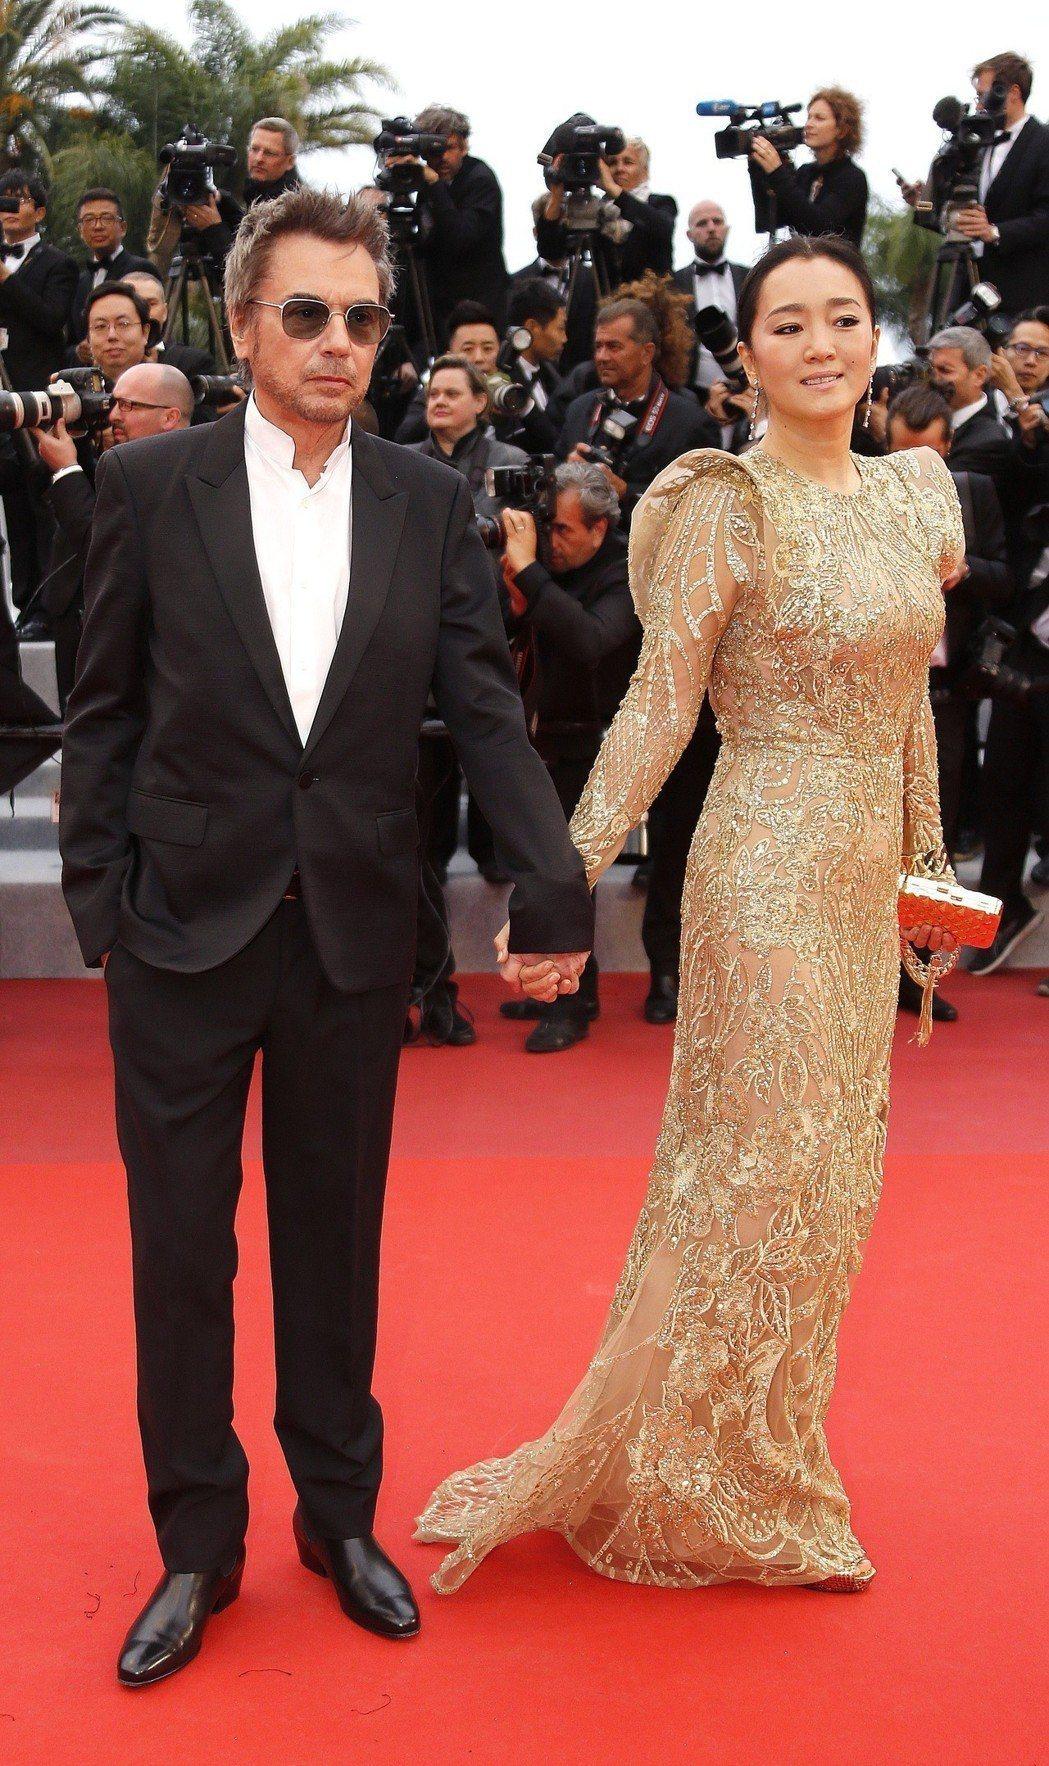 尚米歇爾雅爾與鞏俐在今年坎城影展期間手牽手看首映,已經結婚的消息也隨之公開。圖/...